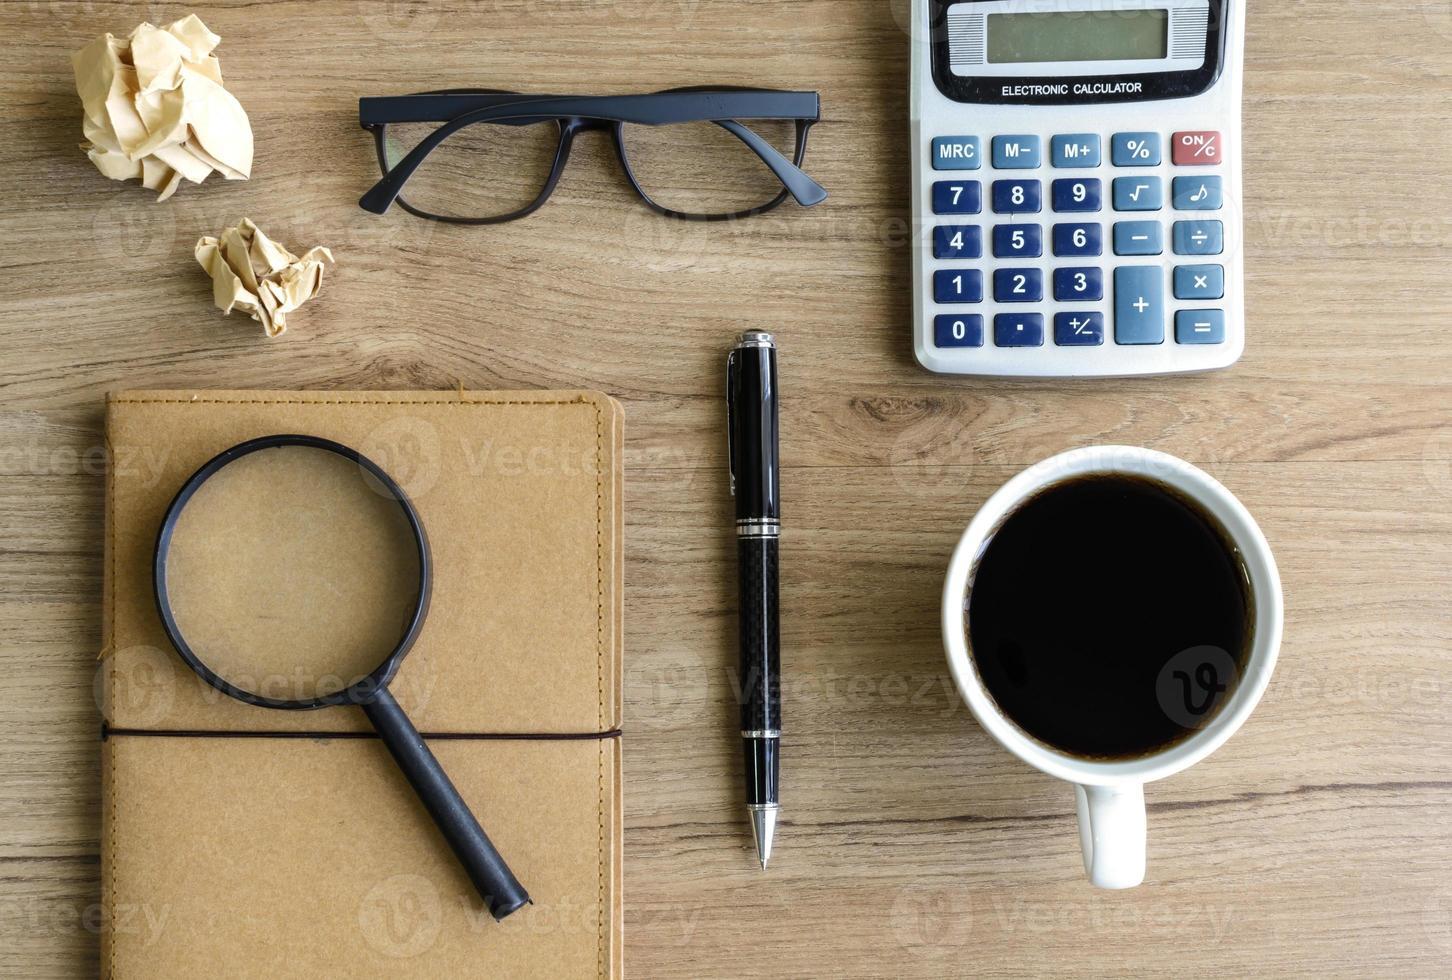 mesa escritório negócios financeiro contabilidade calcular foto